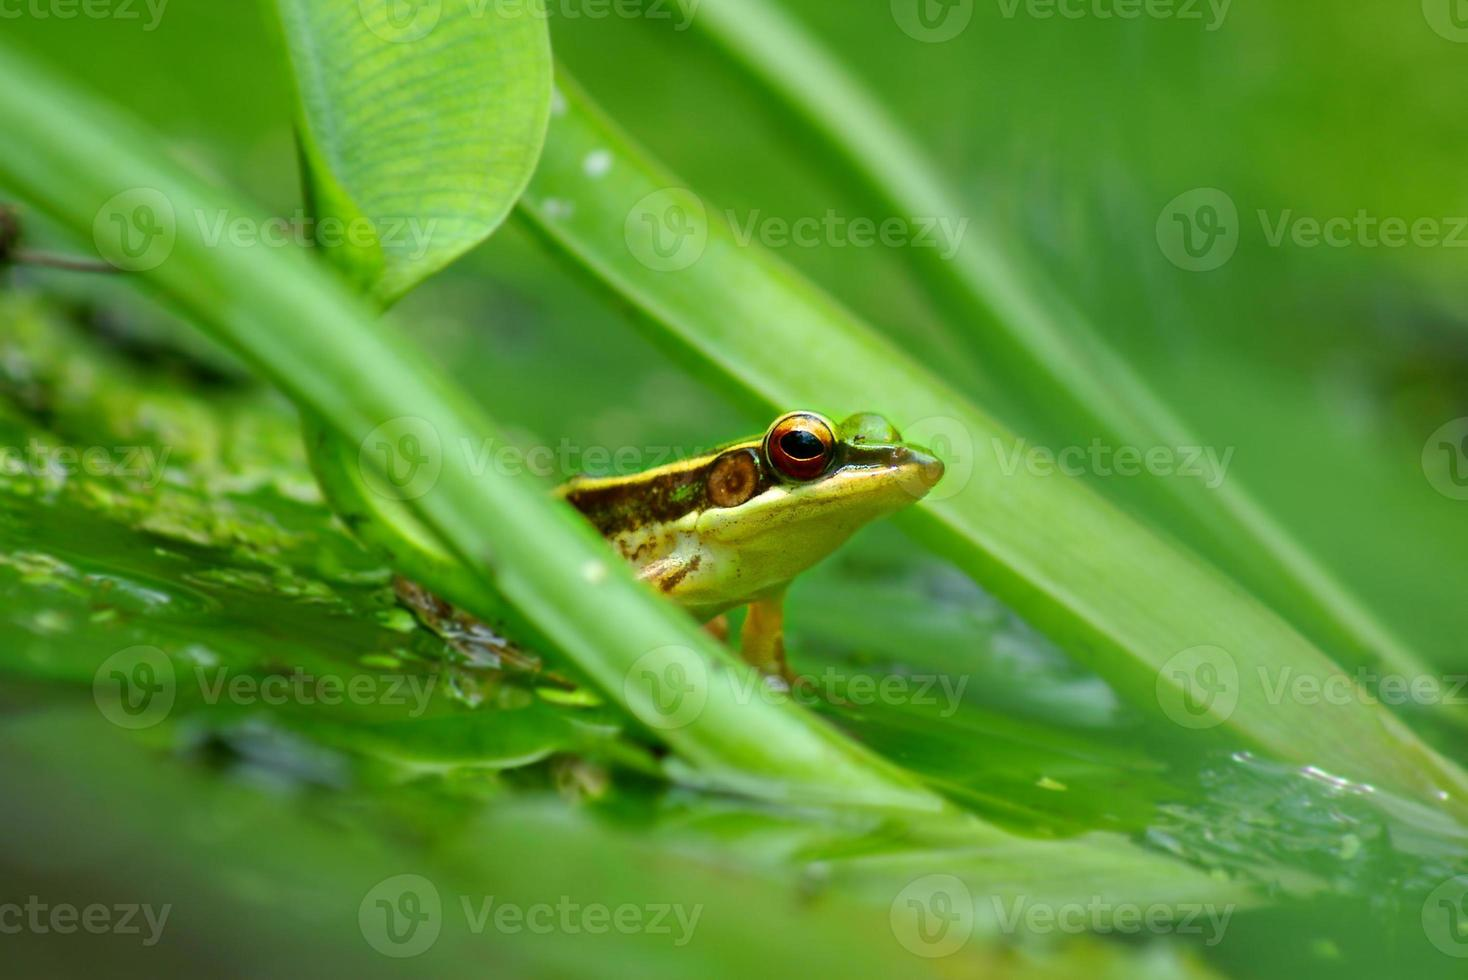 grüner Frosch in einem Teich foto